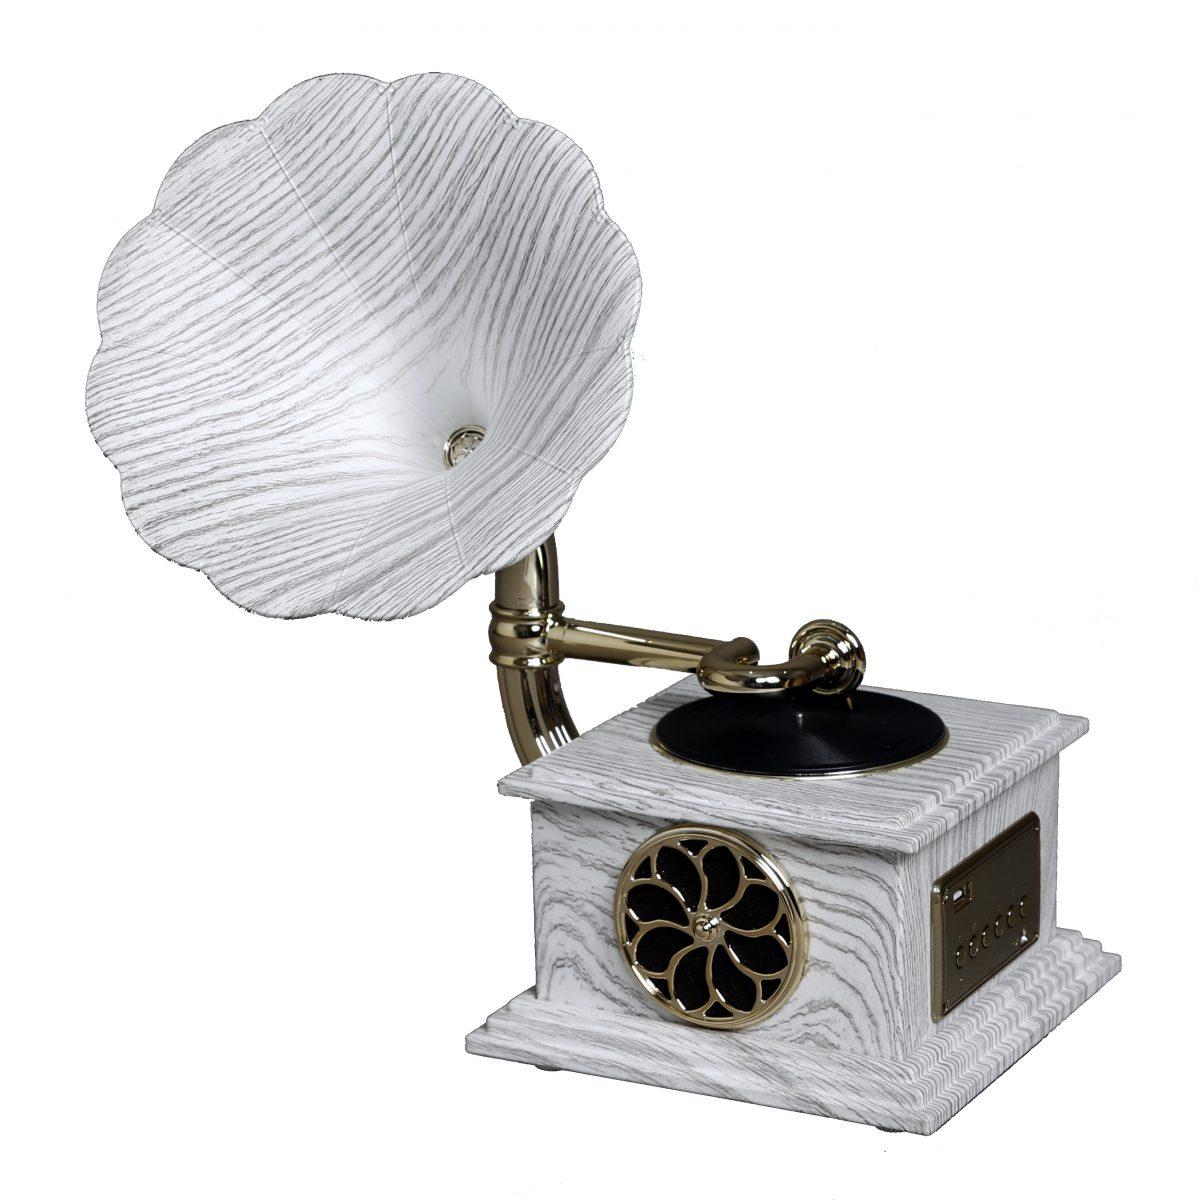 مشغل وسائط صوتية أنتيكة لون رمادي يعمل بالكهرباء شكل جرامافون